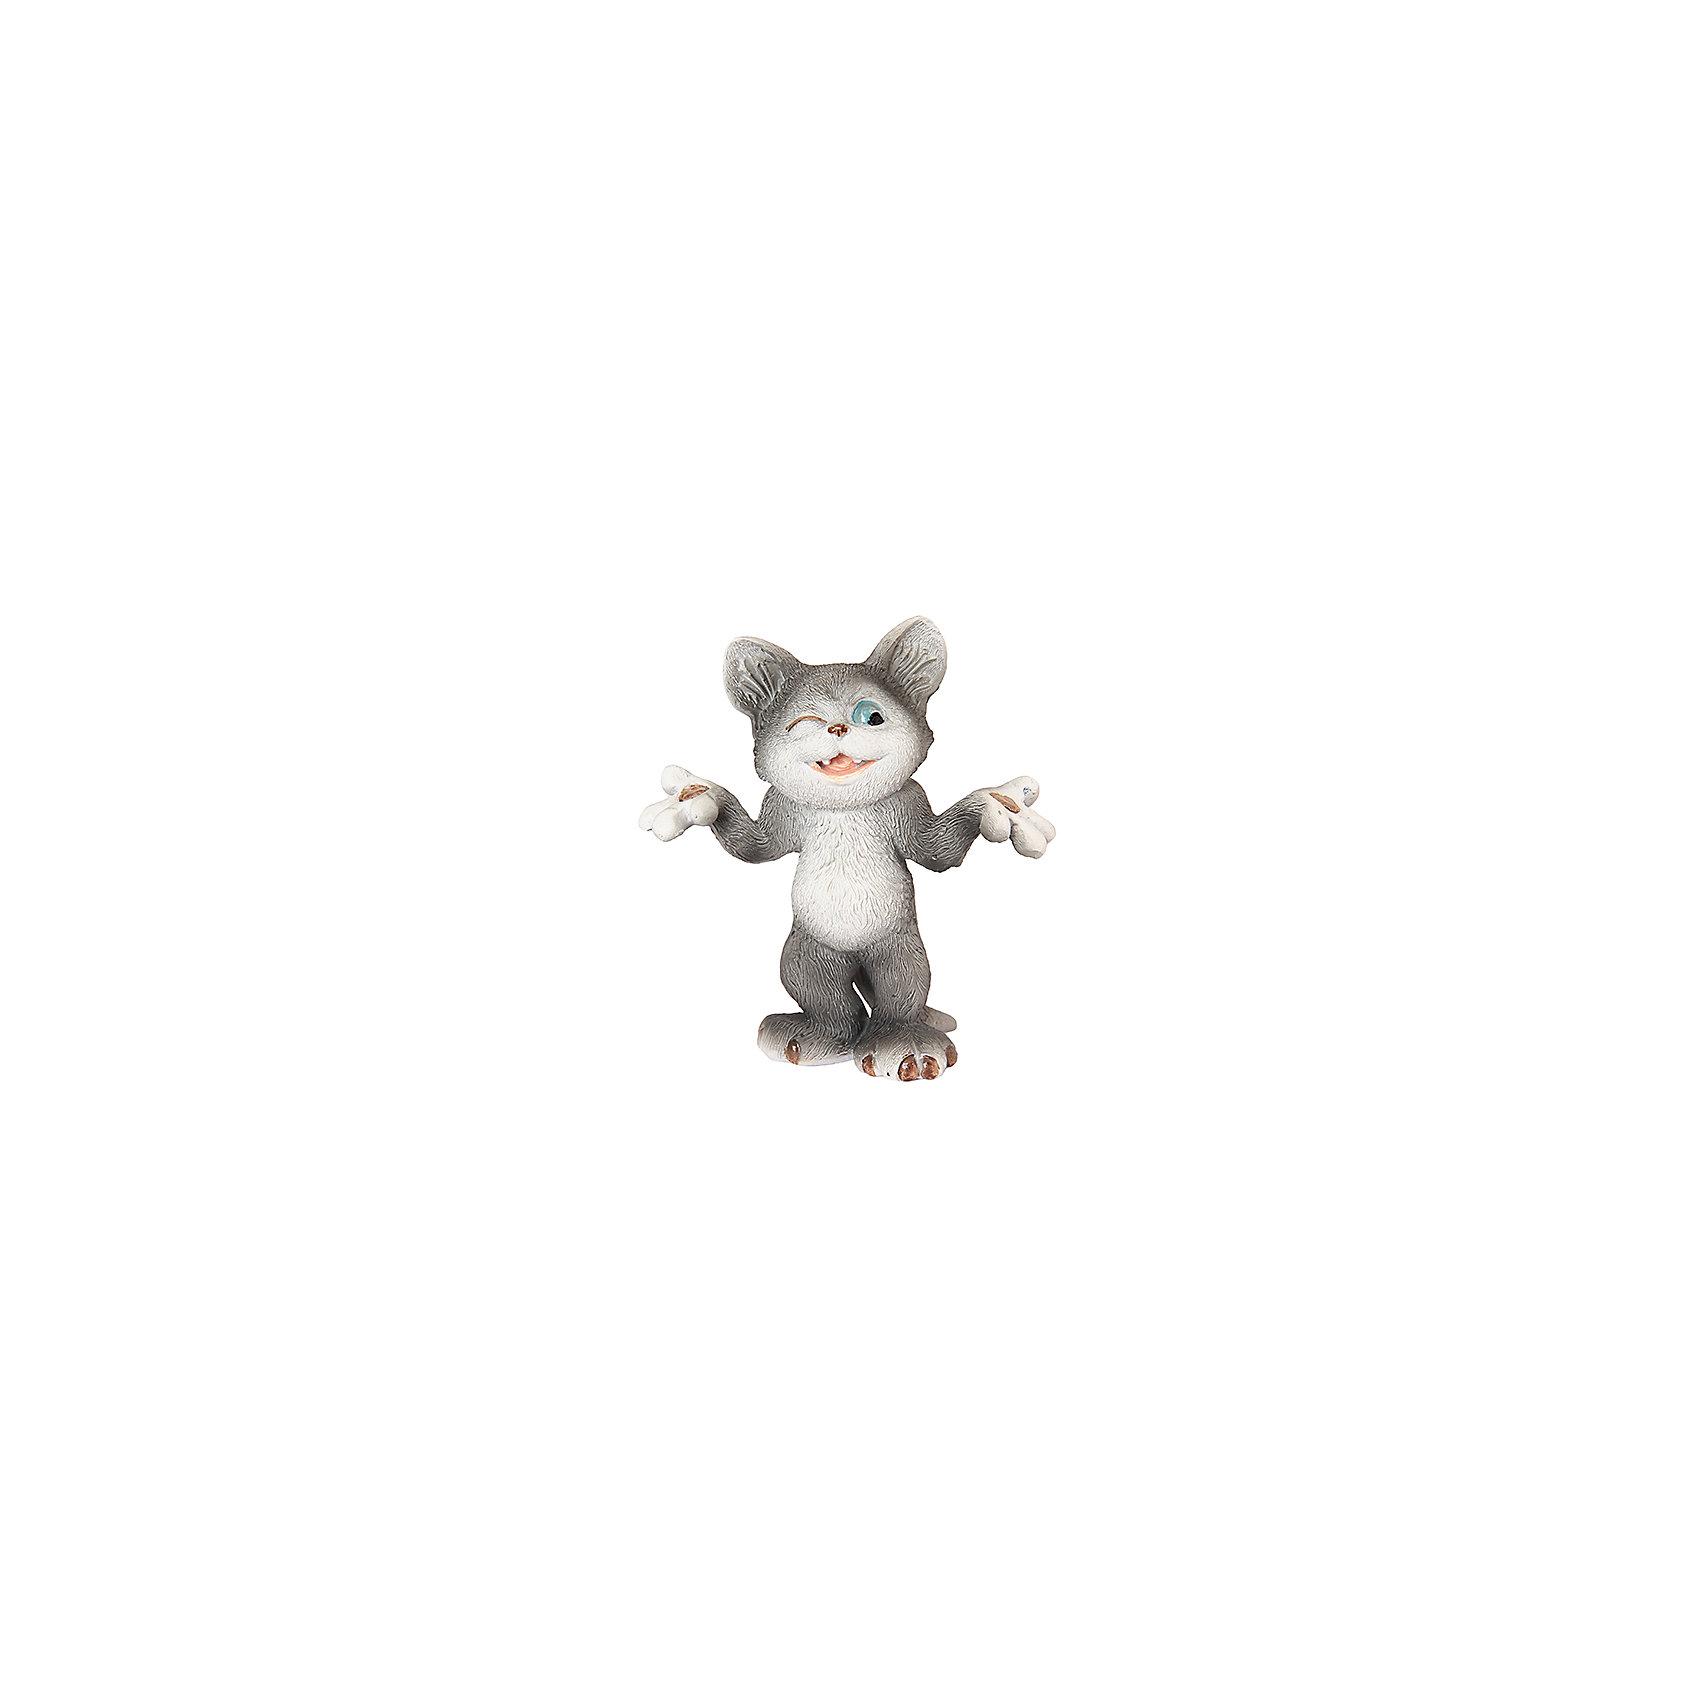 Фигурка декоративная Хитрый кот, Elan GalleryПредметы интерьера<br>Фигурка декоративная  Elan Gallery 8*3*9 см. Хитрый кот, Elan Gallery Декоративные фигурки - это отличный способ разнообразить внутреннее убранство вашего дома. Размер 8х3х9 см.<br><br>Ширина мм: 95<br>Глубина мм: 45<br>Высота мм: 86<br>Вес г: 139<br>Возраст от месяцев: 0<br>Возраст до месяцев: 1188<br>Пол: Унисекс<br>Возраст: Детский<br>SKU: 6669014